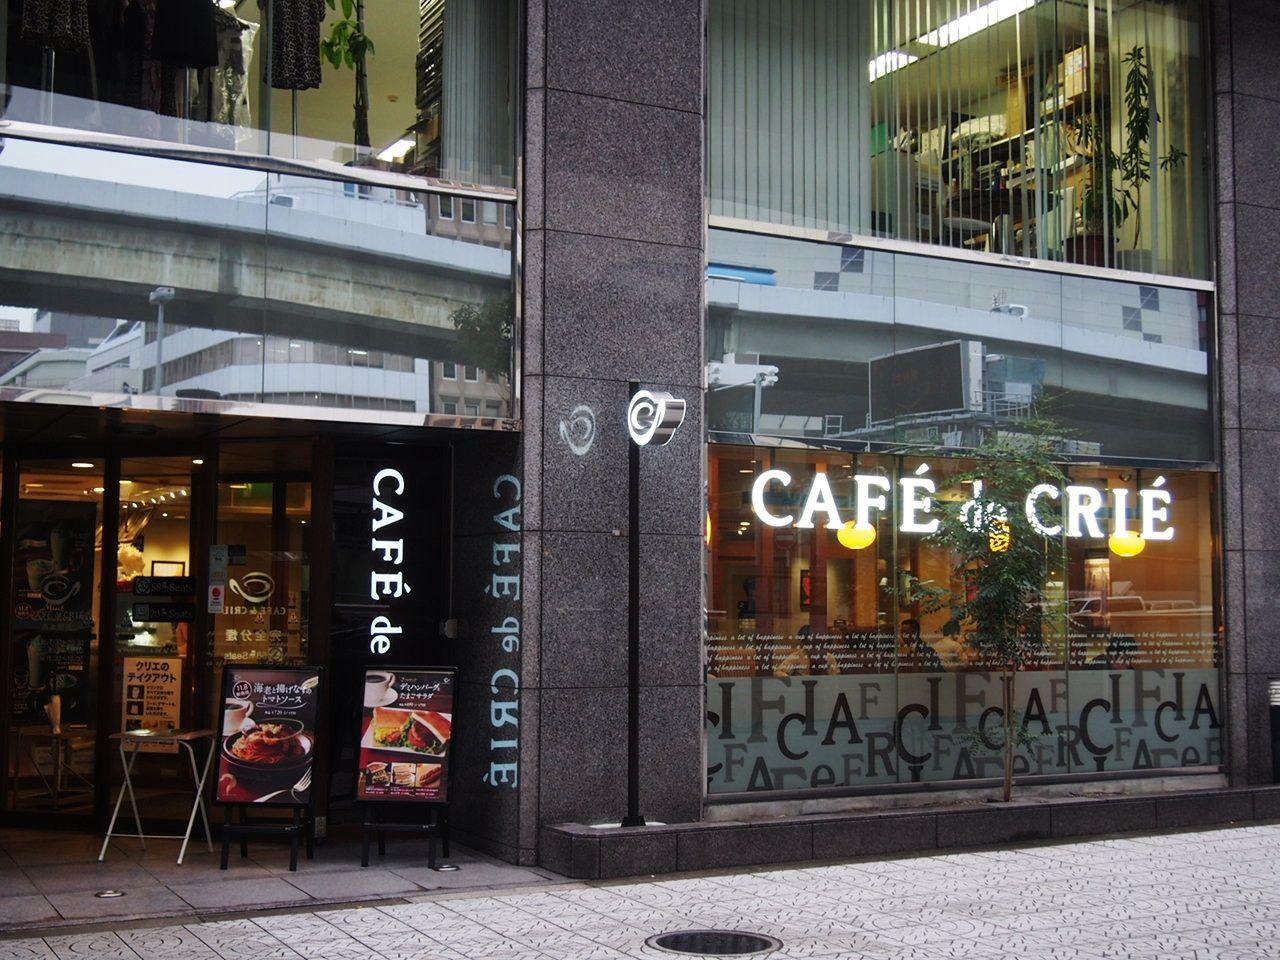 2017年11月8日(水)、カフェドクリエ(CAFE de CRIE)から新作チョコミントメニューが発売されました。